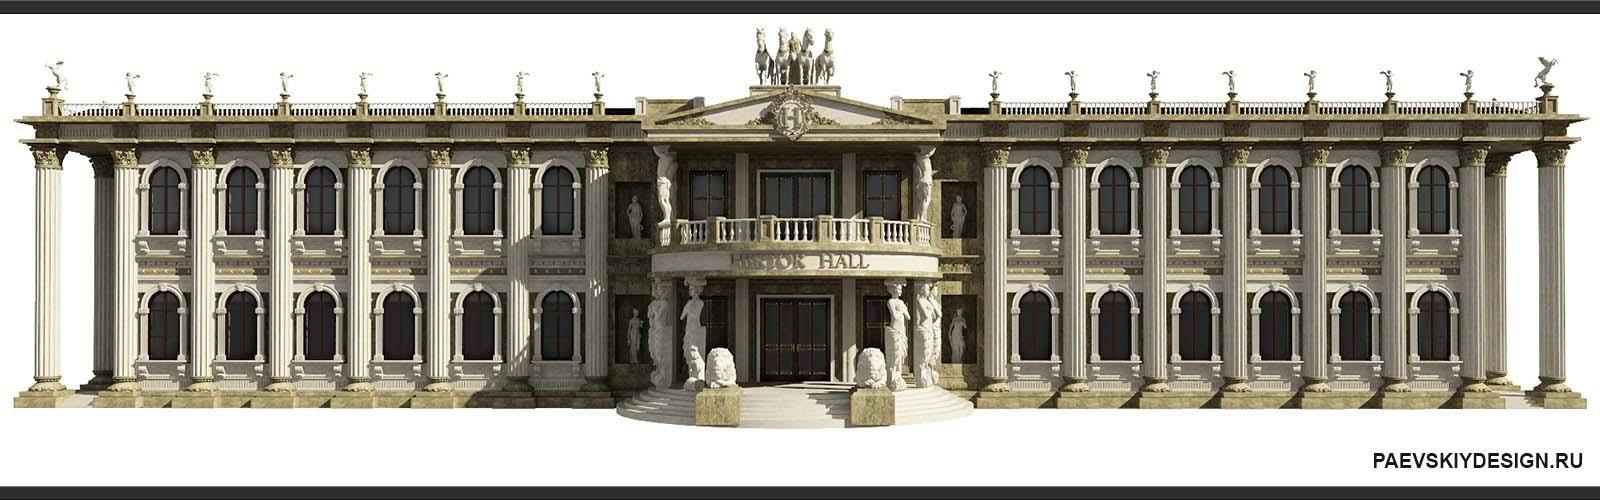 Концепция экстерьера здания и архитектурного оформления